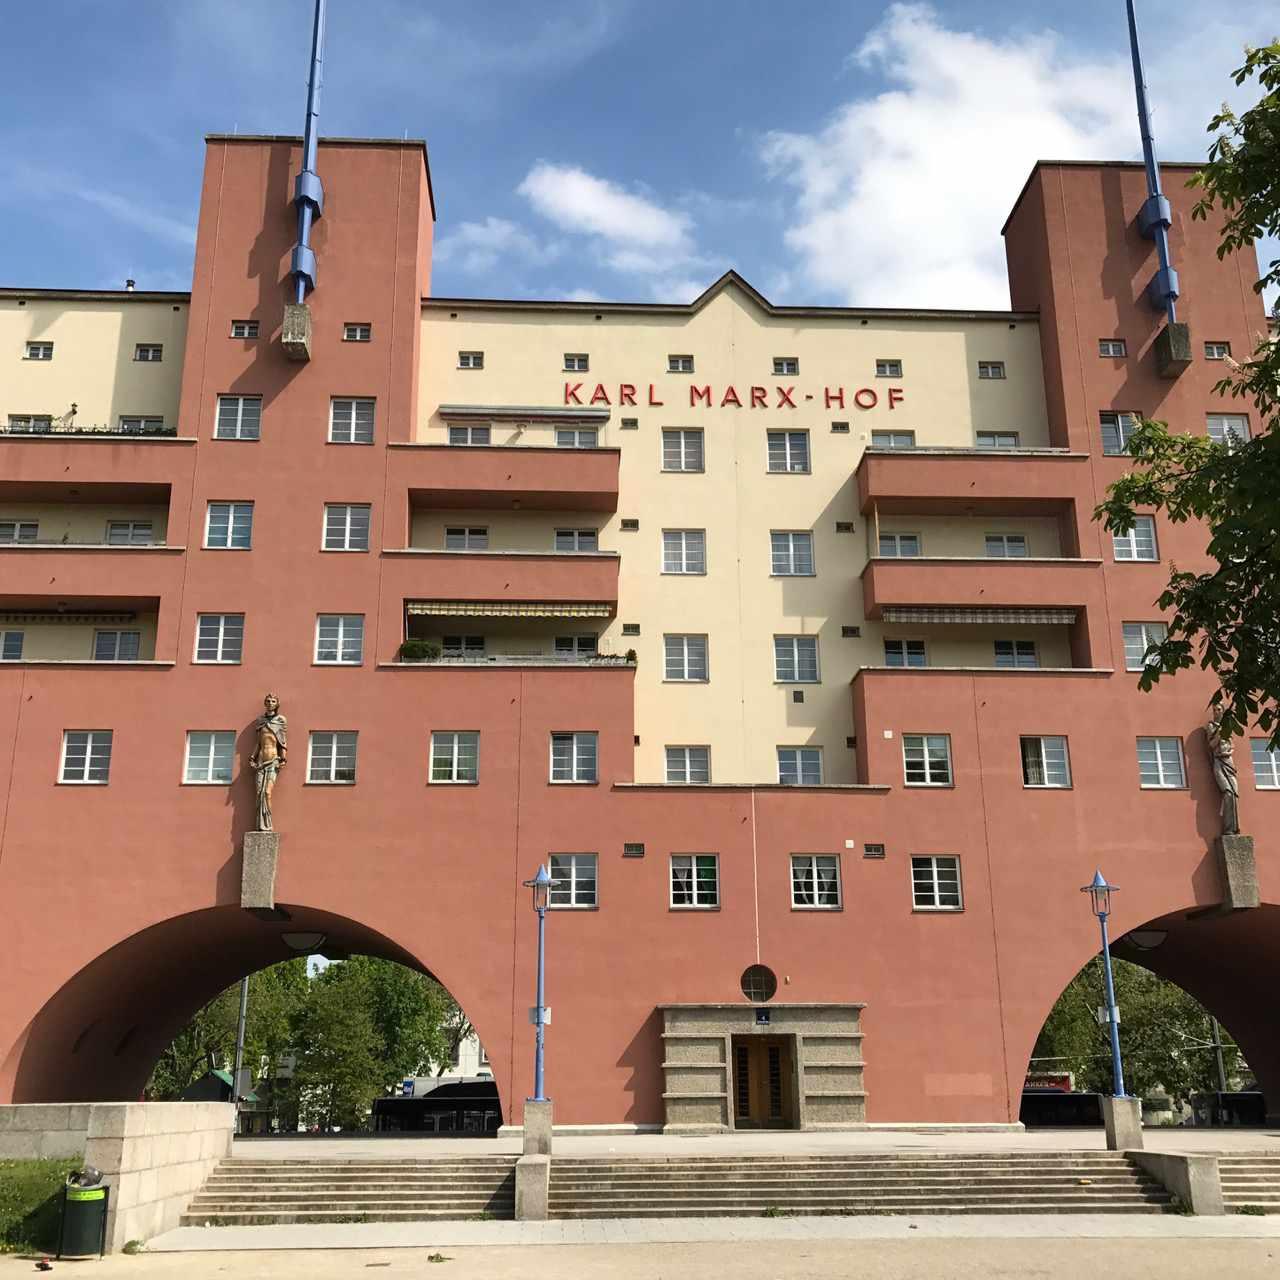 Karl Marx Hof building